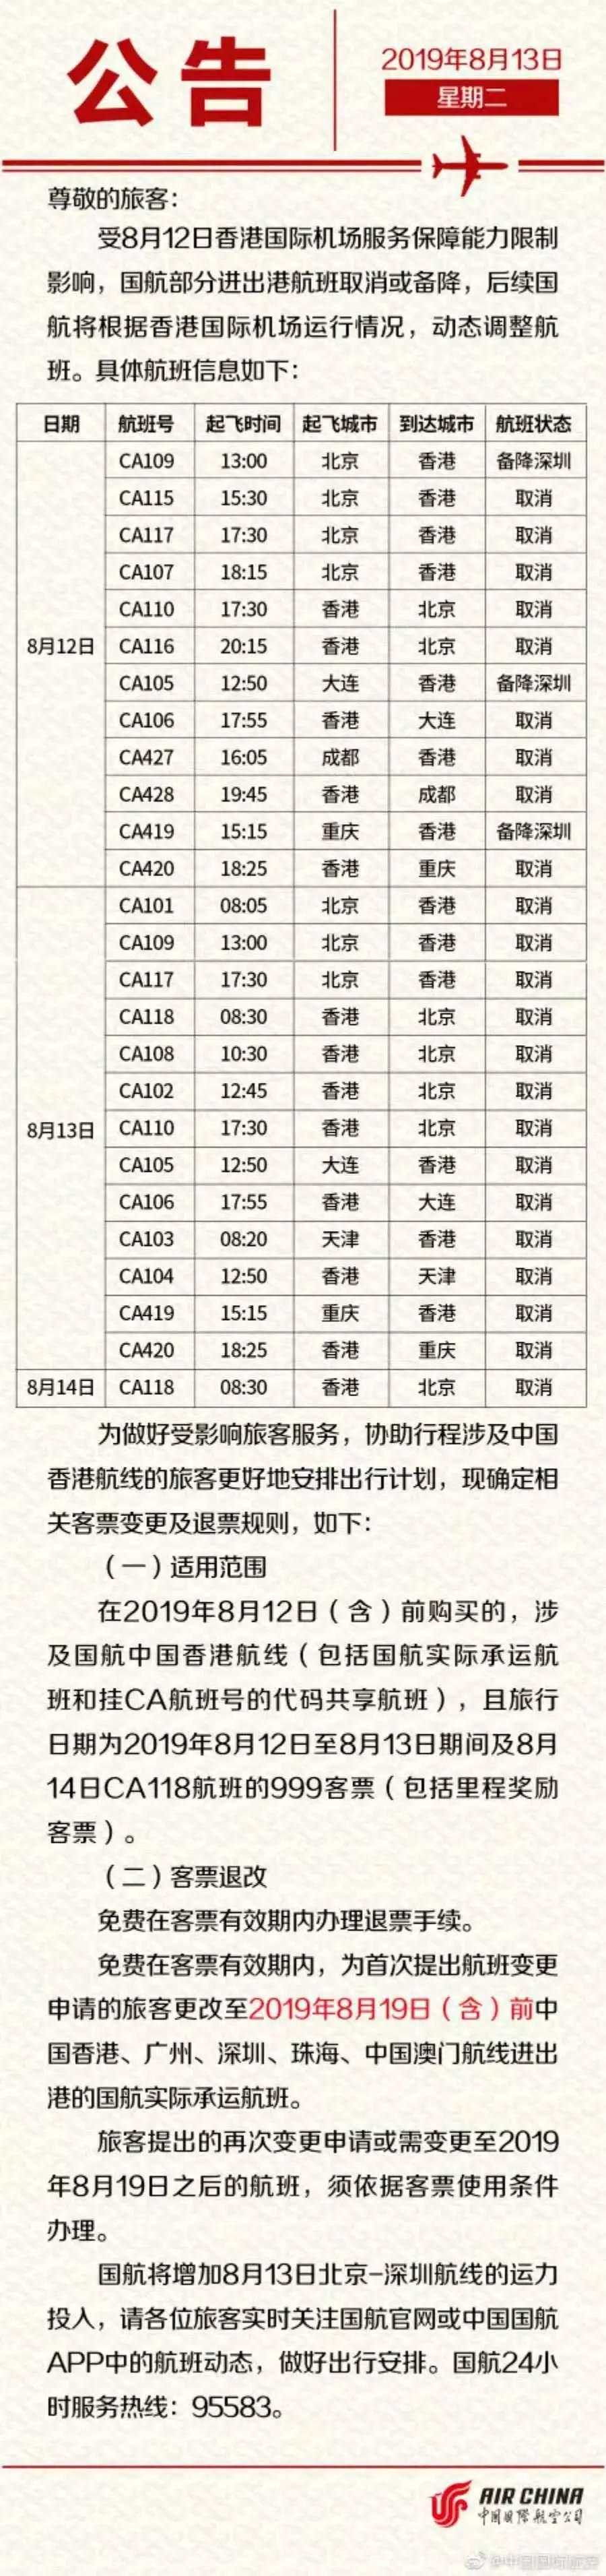 预警:香港机场今日多个航班取消 下午或再有非法集会